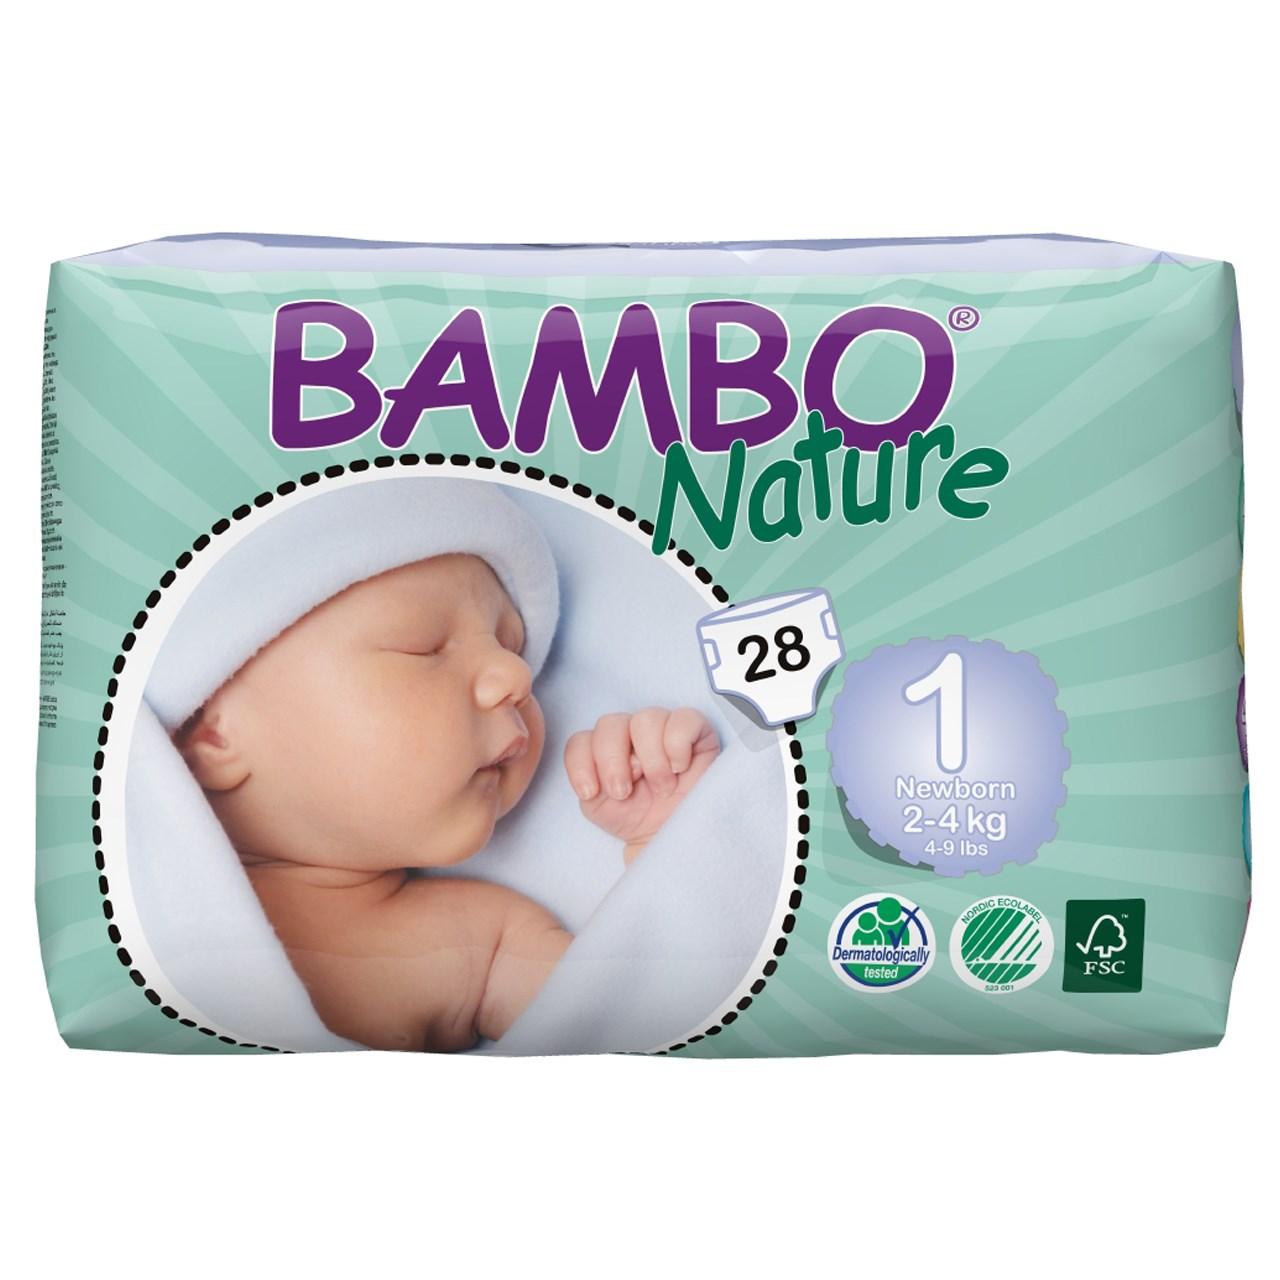 پوشک بامبو مدل Newborn سایز 1 بسته 28 عددی